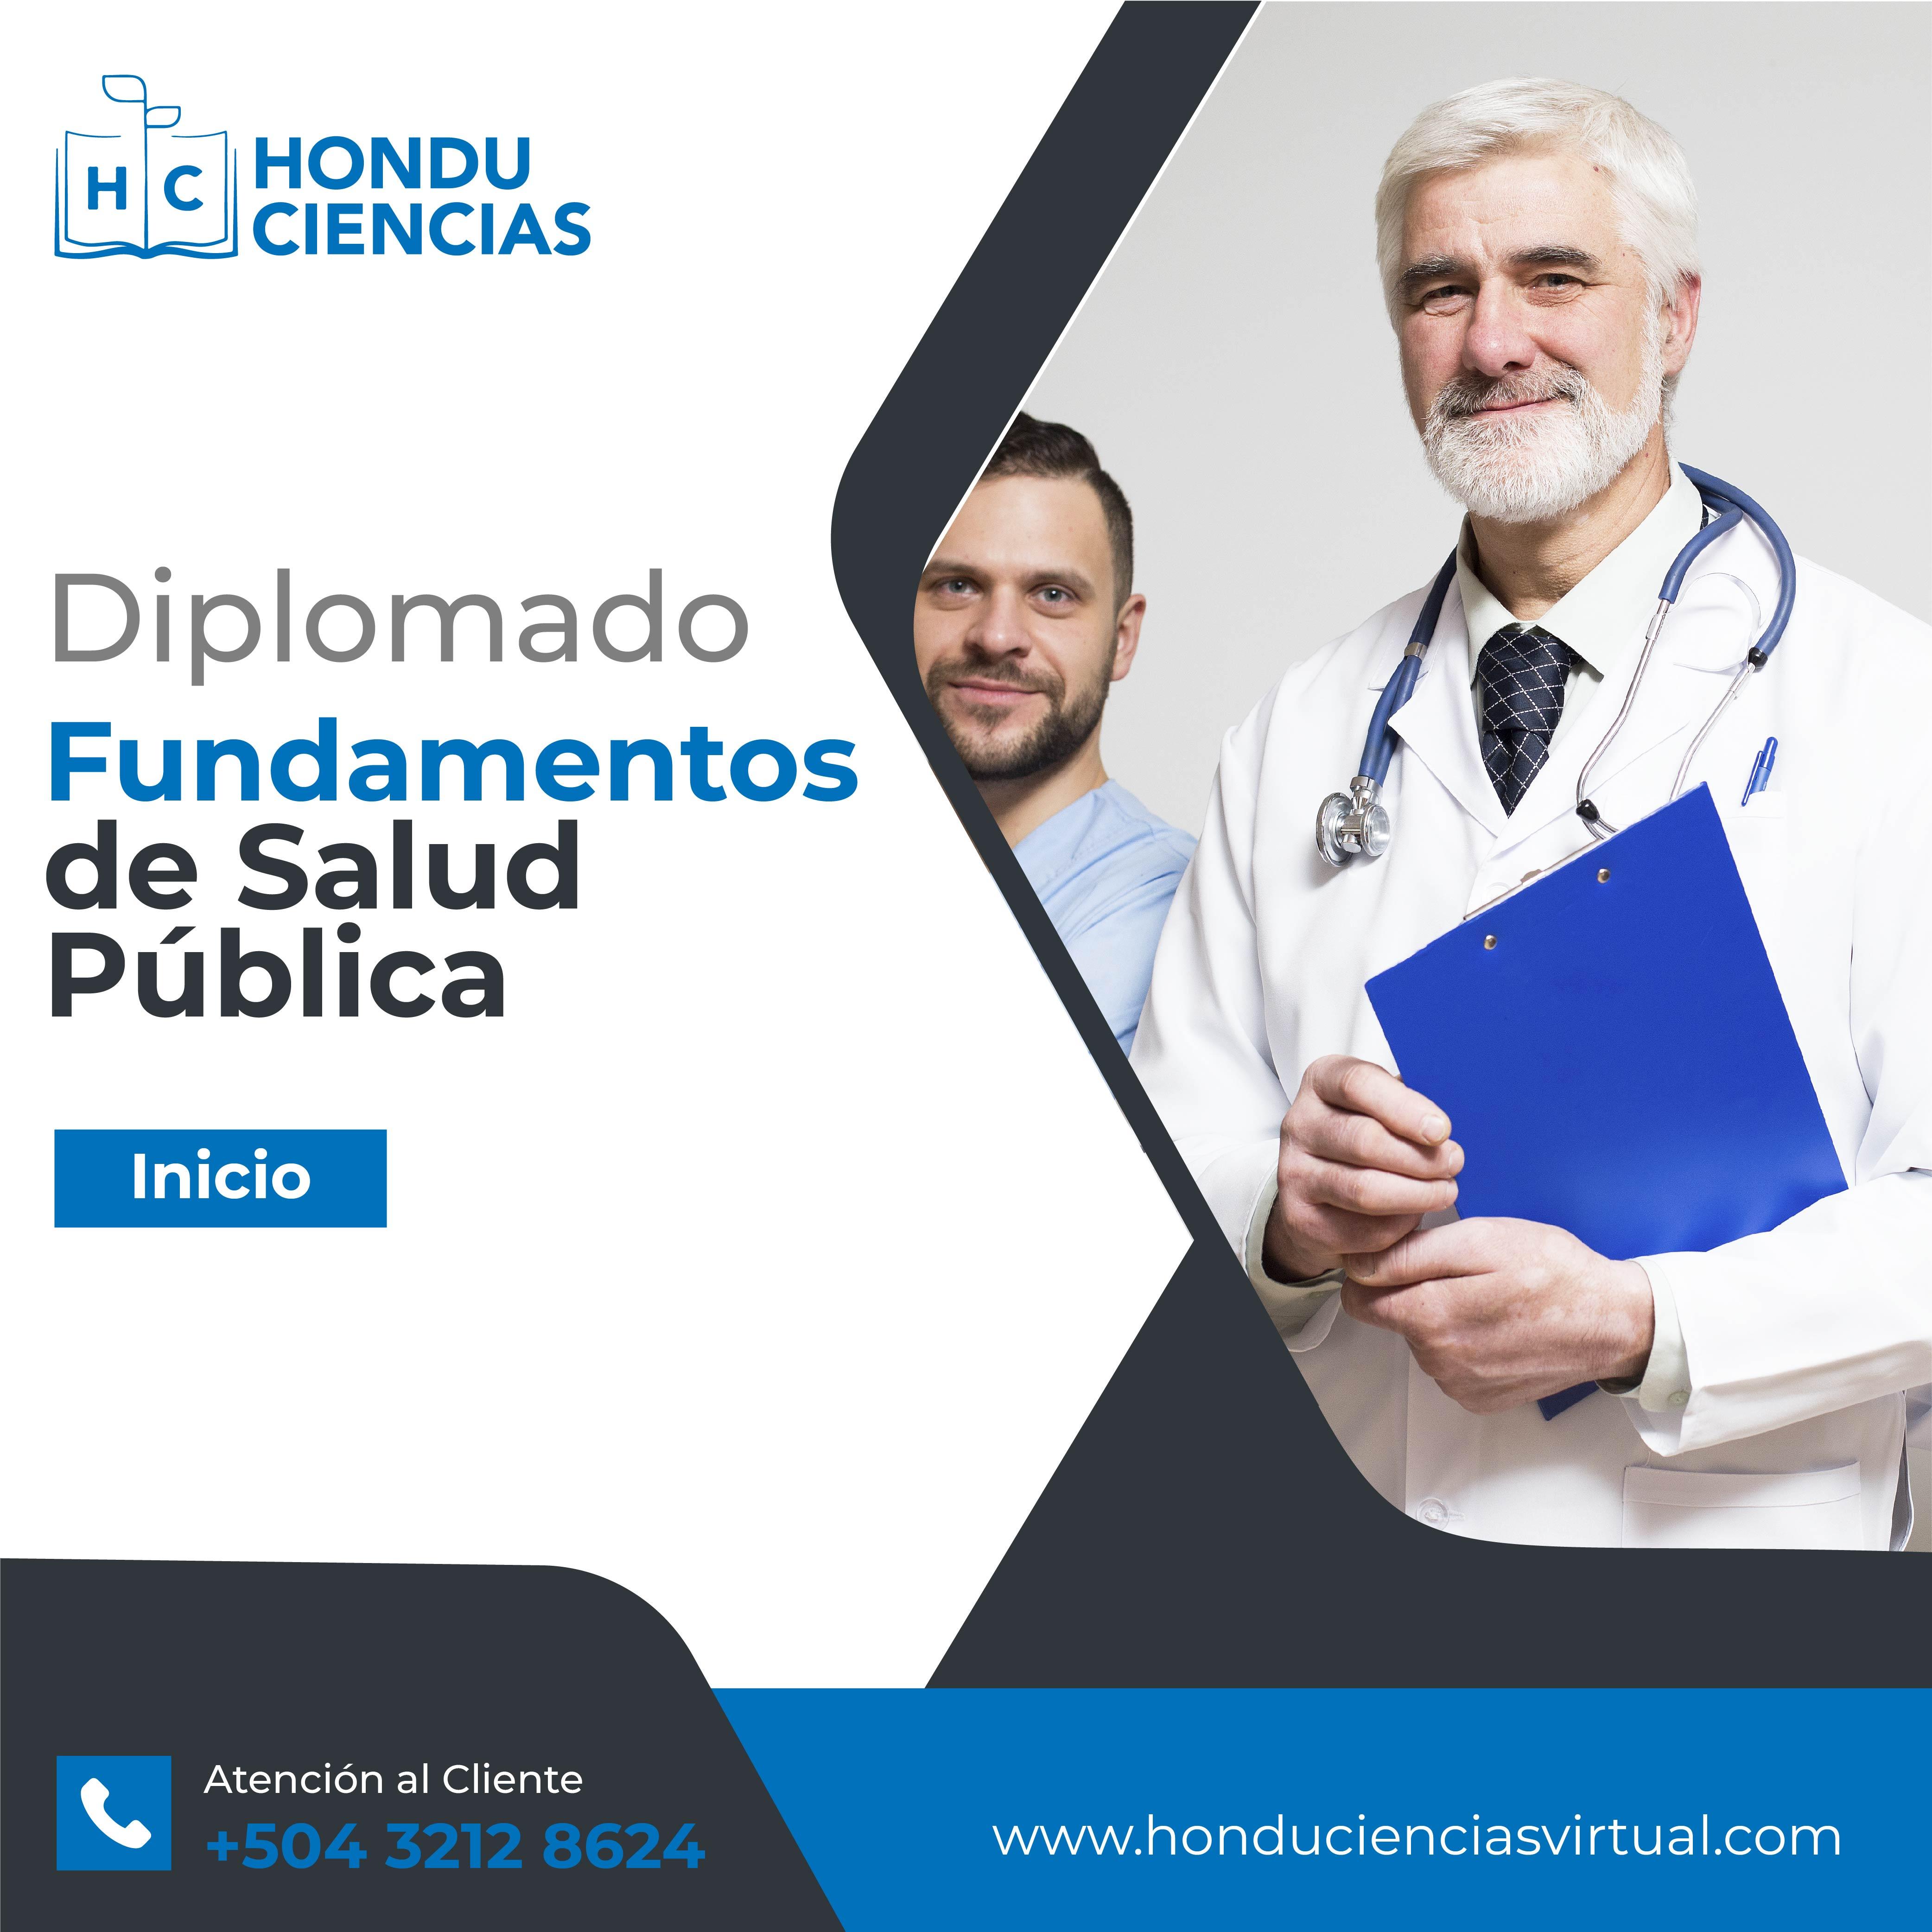 Fundamentos de Salud Pública